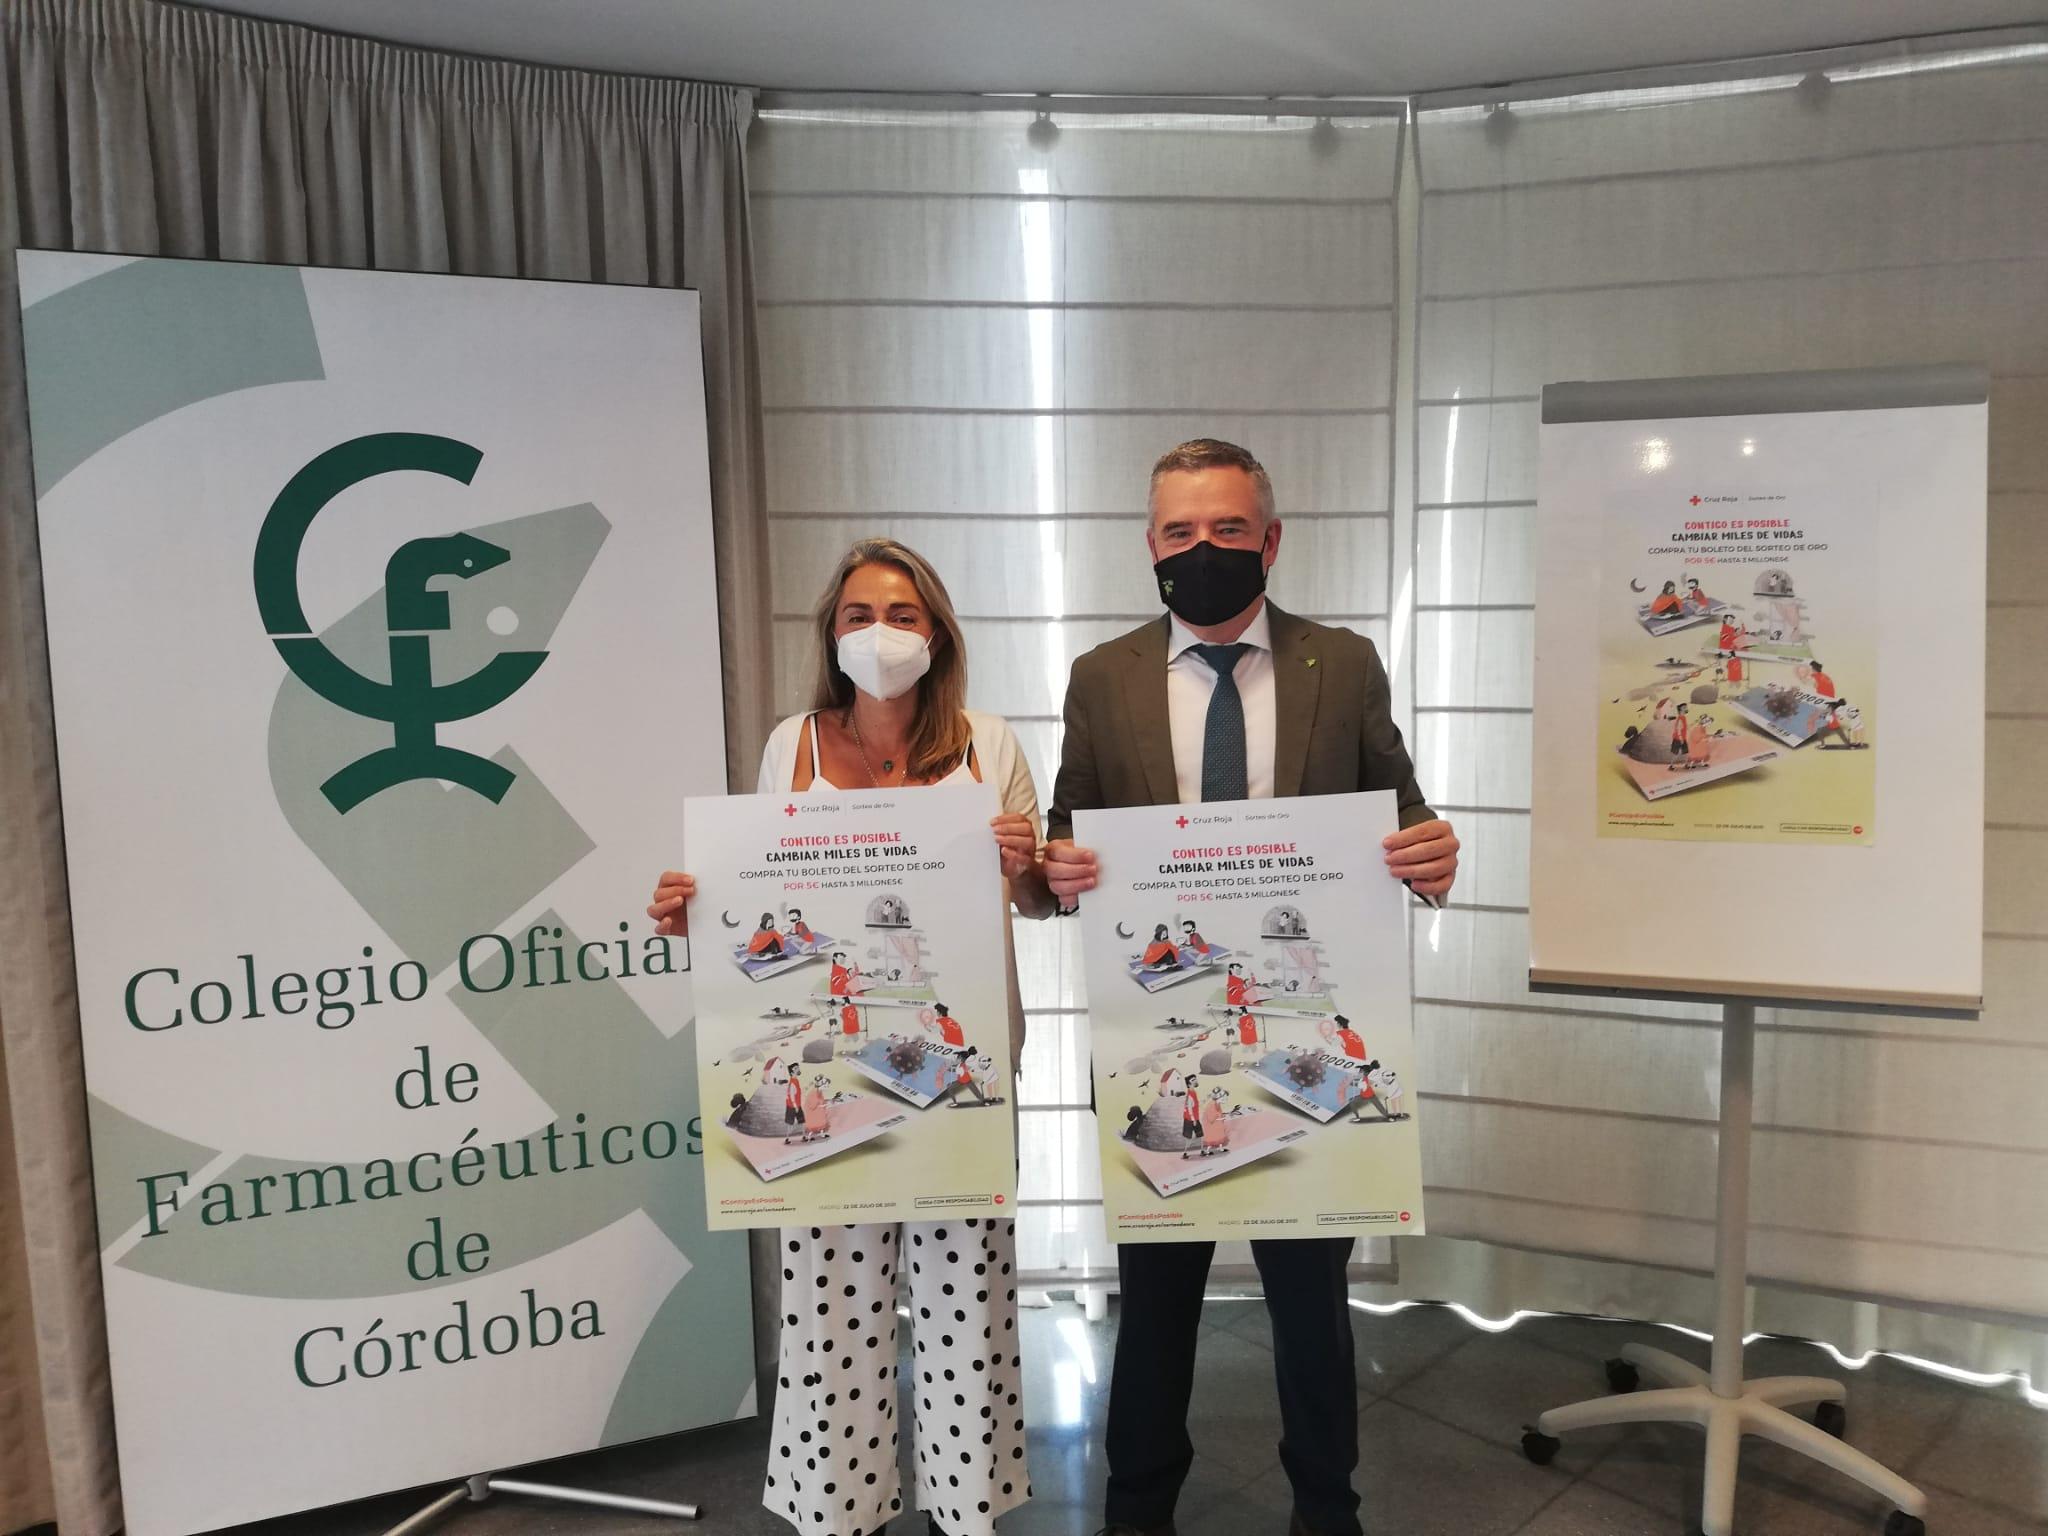 Los farmacéuticos cordobeses animan a colaborar con las iniciativas sociales de Cruz Roja adquiriendo en las farmacias los boletos para su Sorteo de Oro, que tendrá lugar el próximo 22 de julio